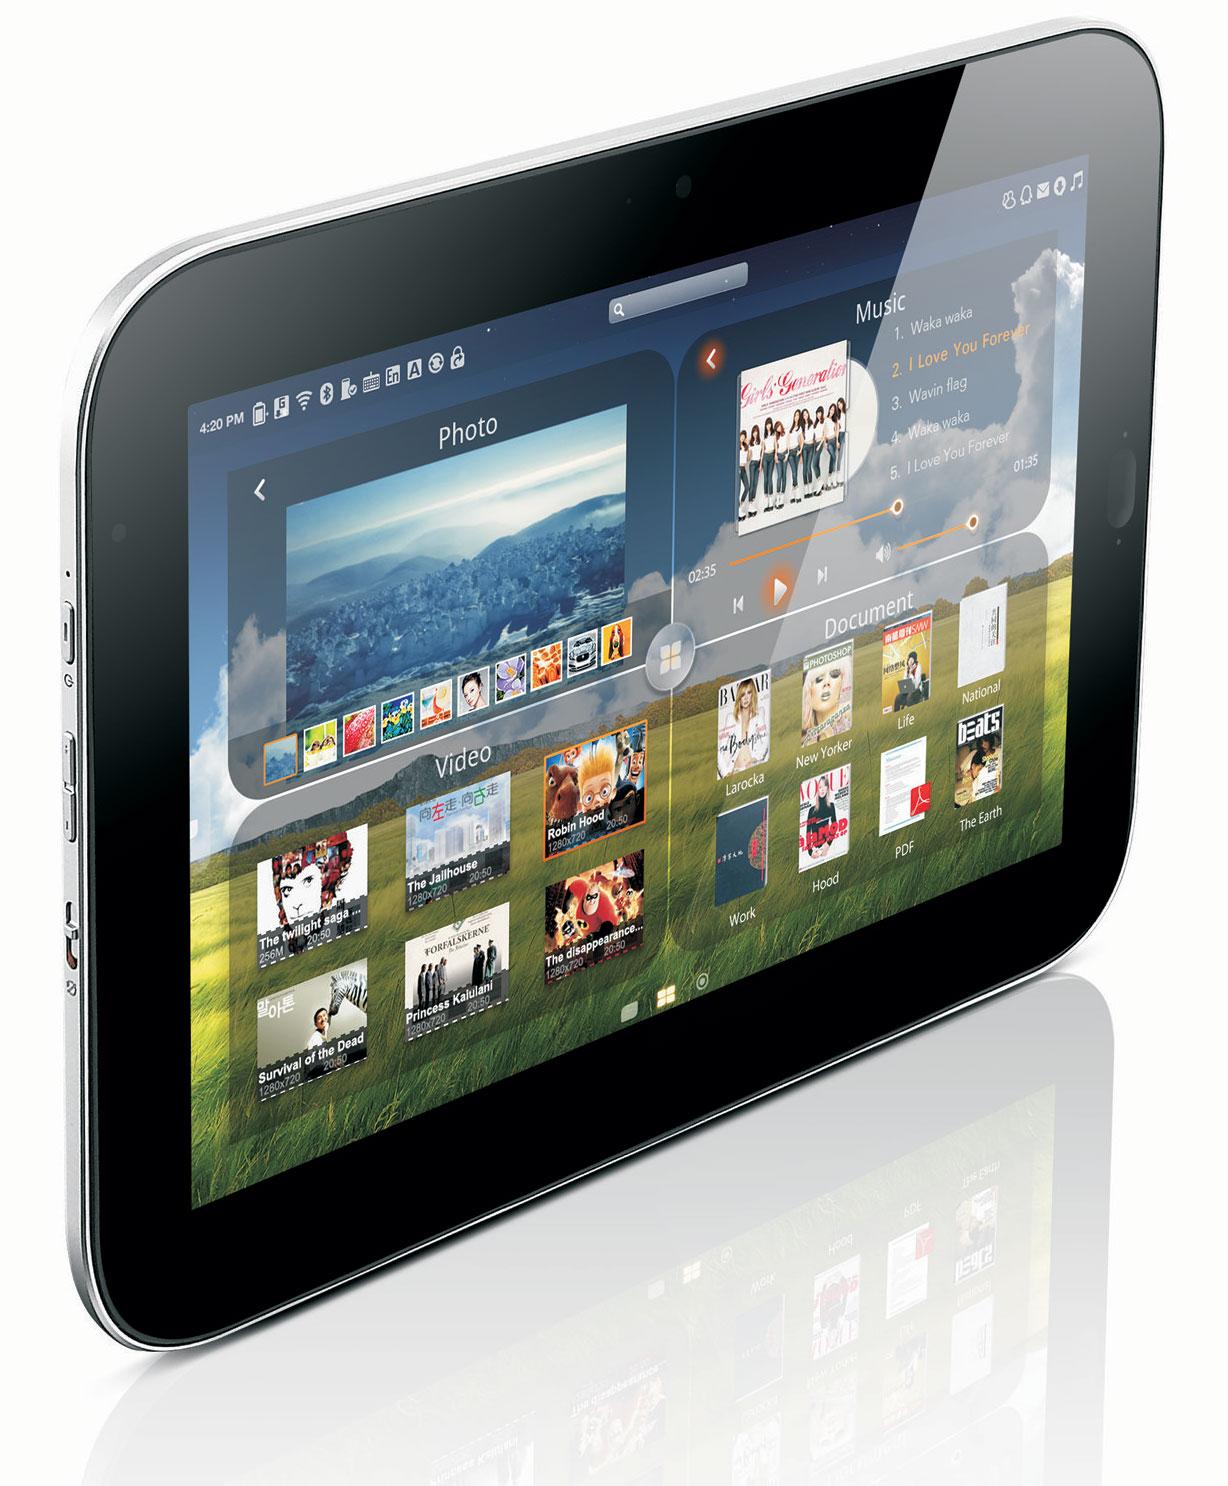 CES 2011 Tablette PC Tactile : Lenovo présente 'LePad' et investit le marché des tablettes